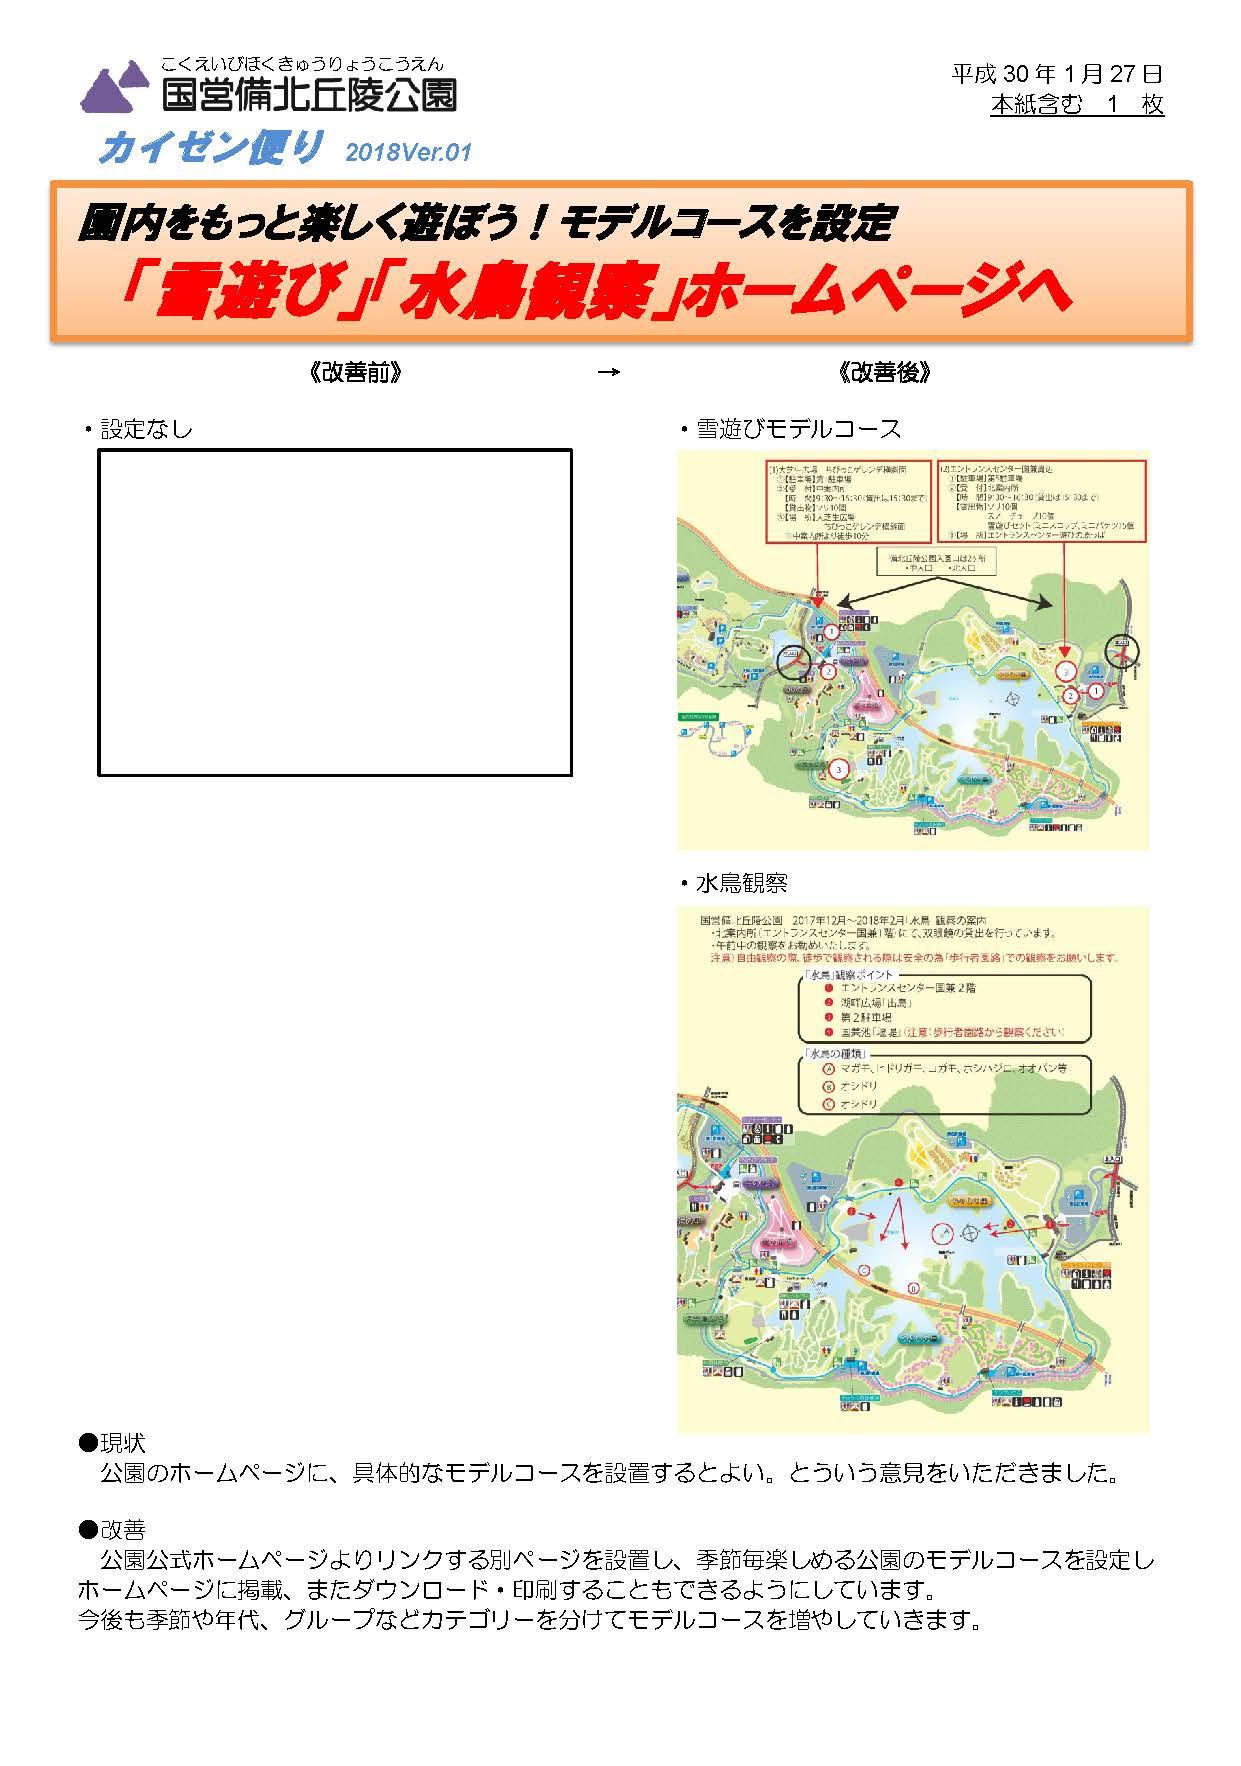 カイゼン便り_2018Ver.01-モデルコース